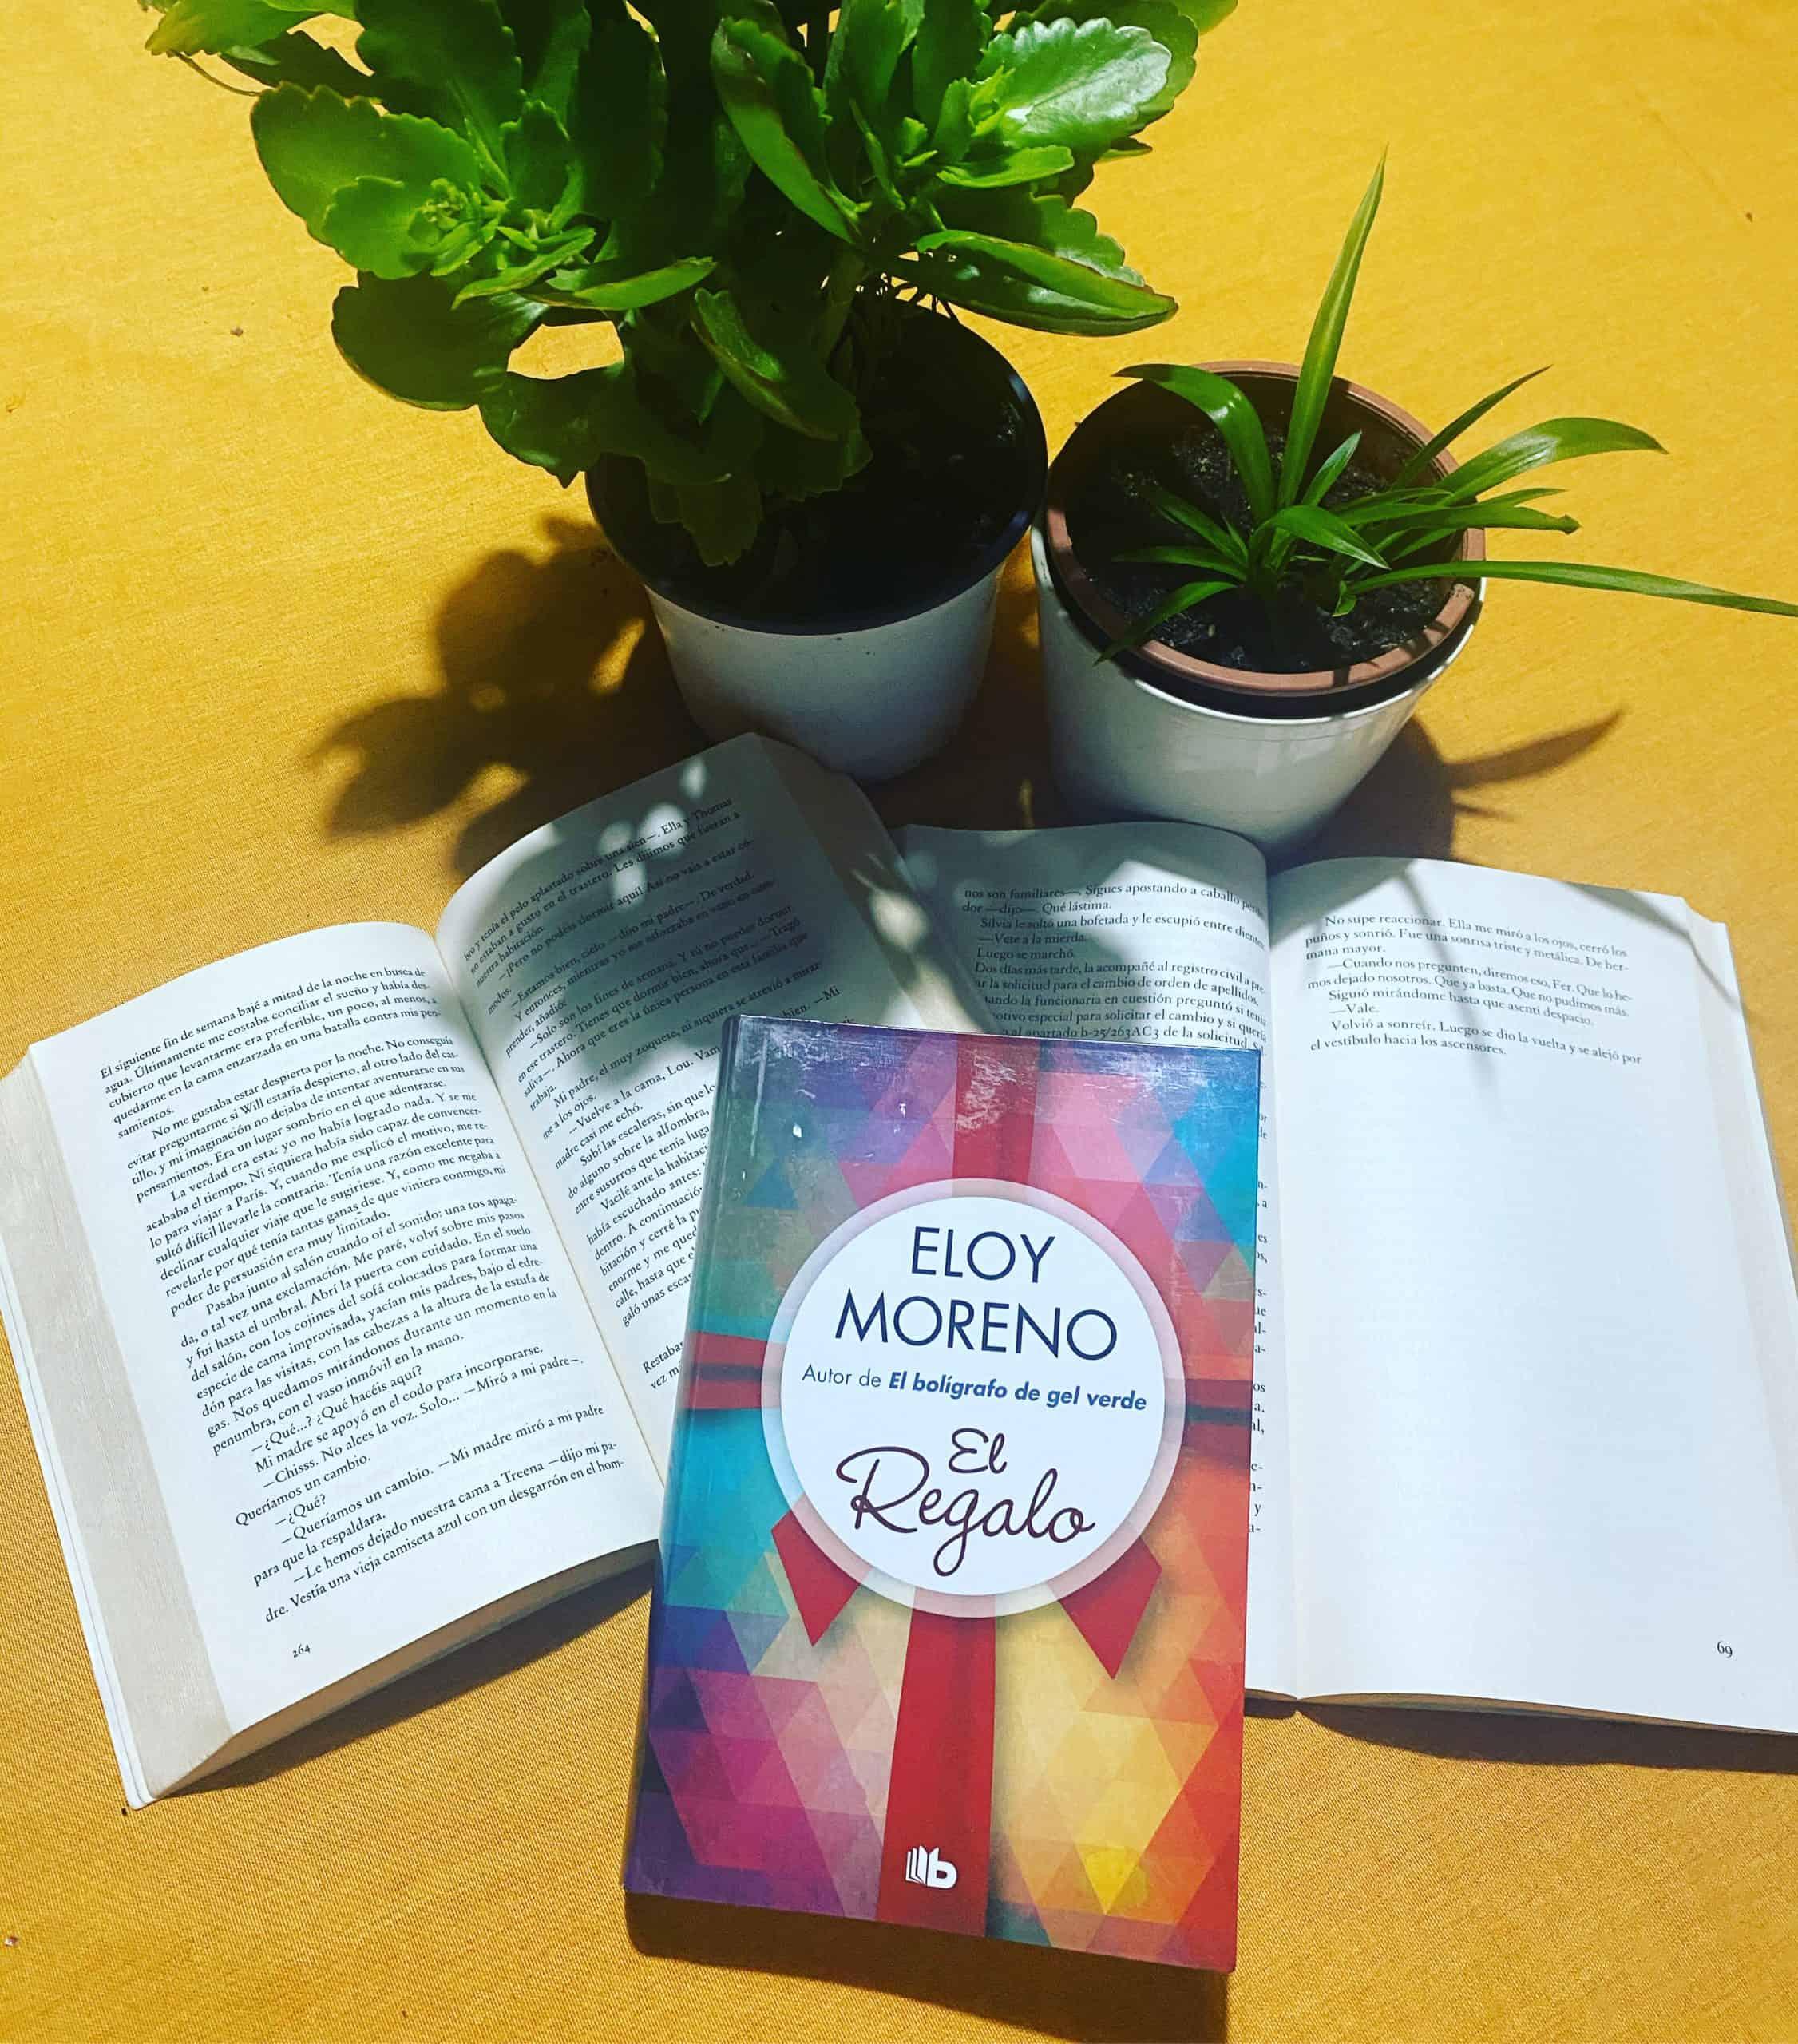 El regalo- Eloy Moreno